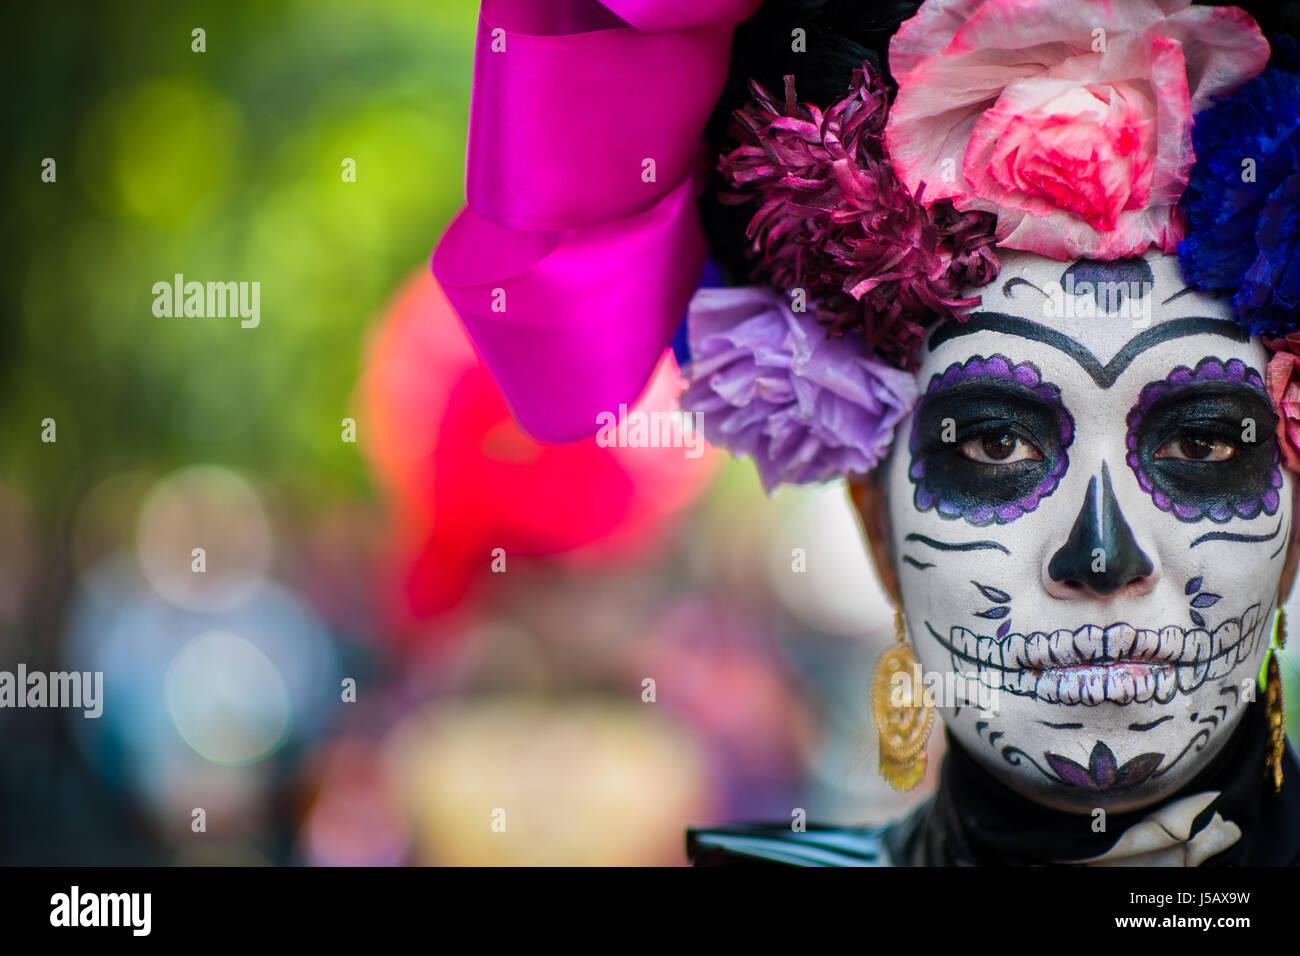 Una giovane donna vestita come La Catrina, prende parte al Giorno dei Morti celebrazioni in Città del Messico. Immagini Stock